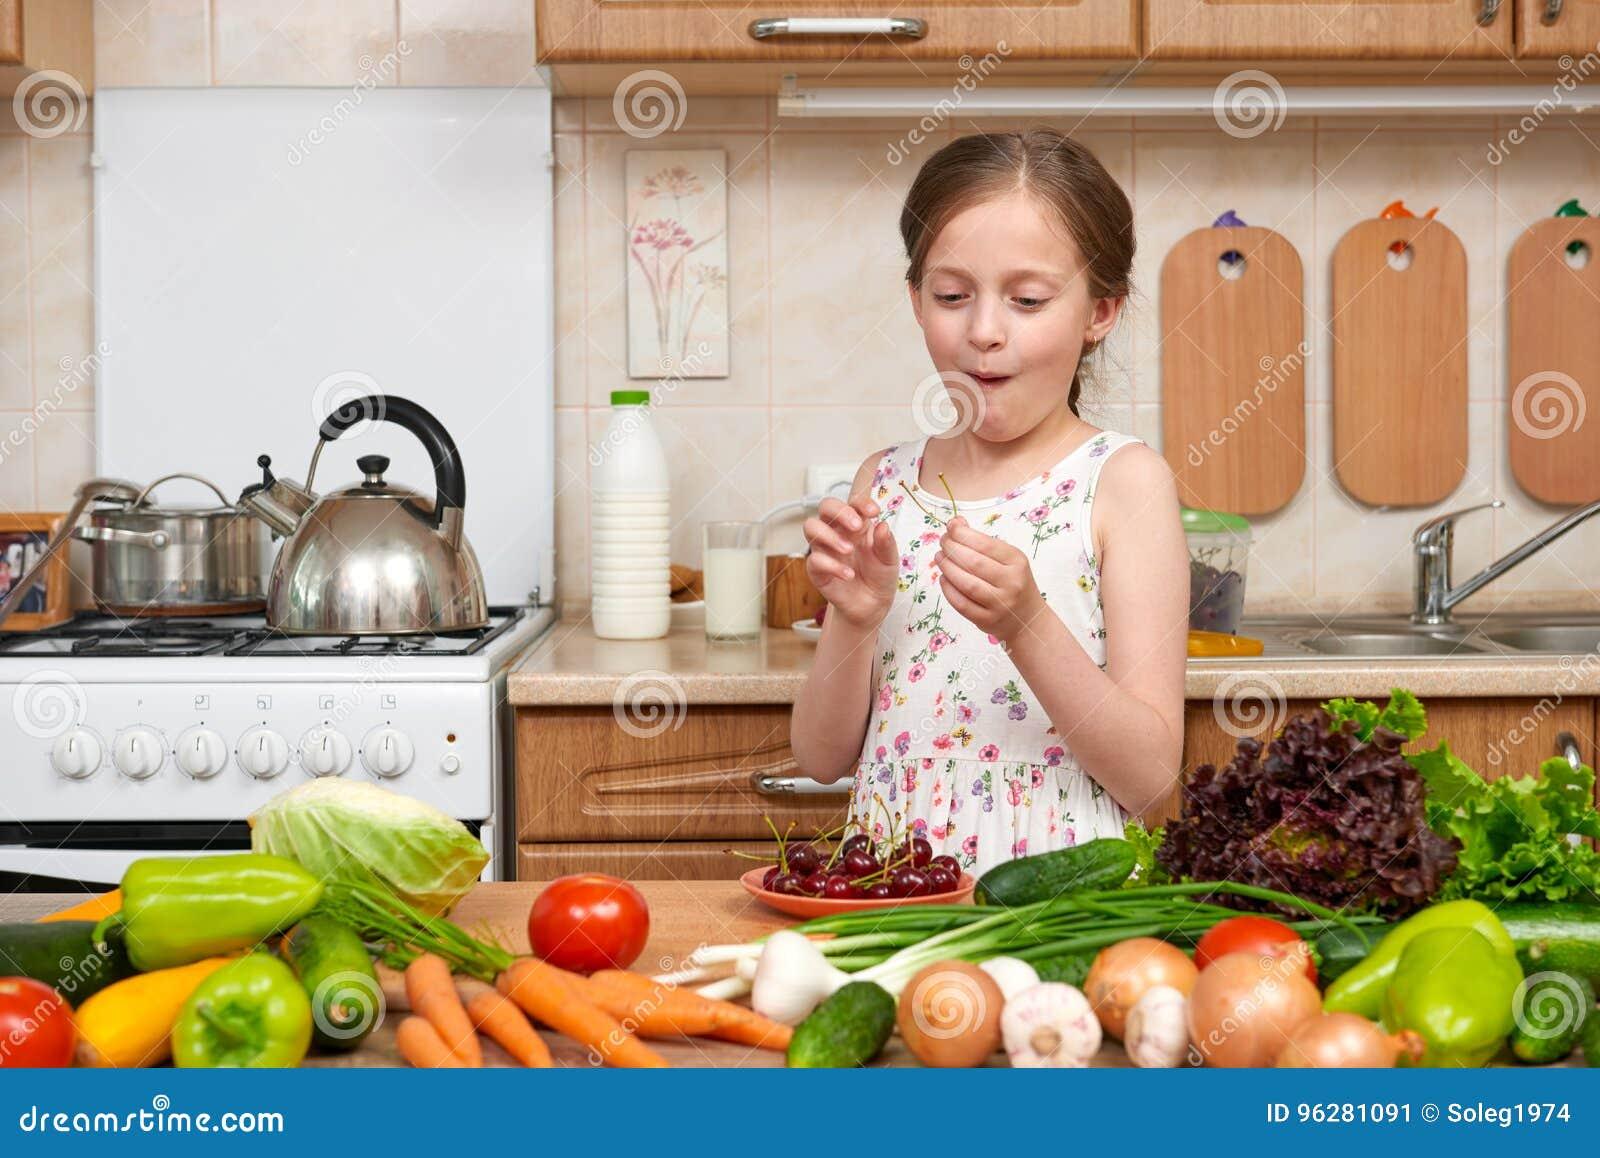 La fille d enfant mangent les cerises, fruits et légumes dans la cuisine à la maison intérieure, concept sain de nourriture